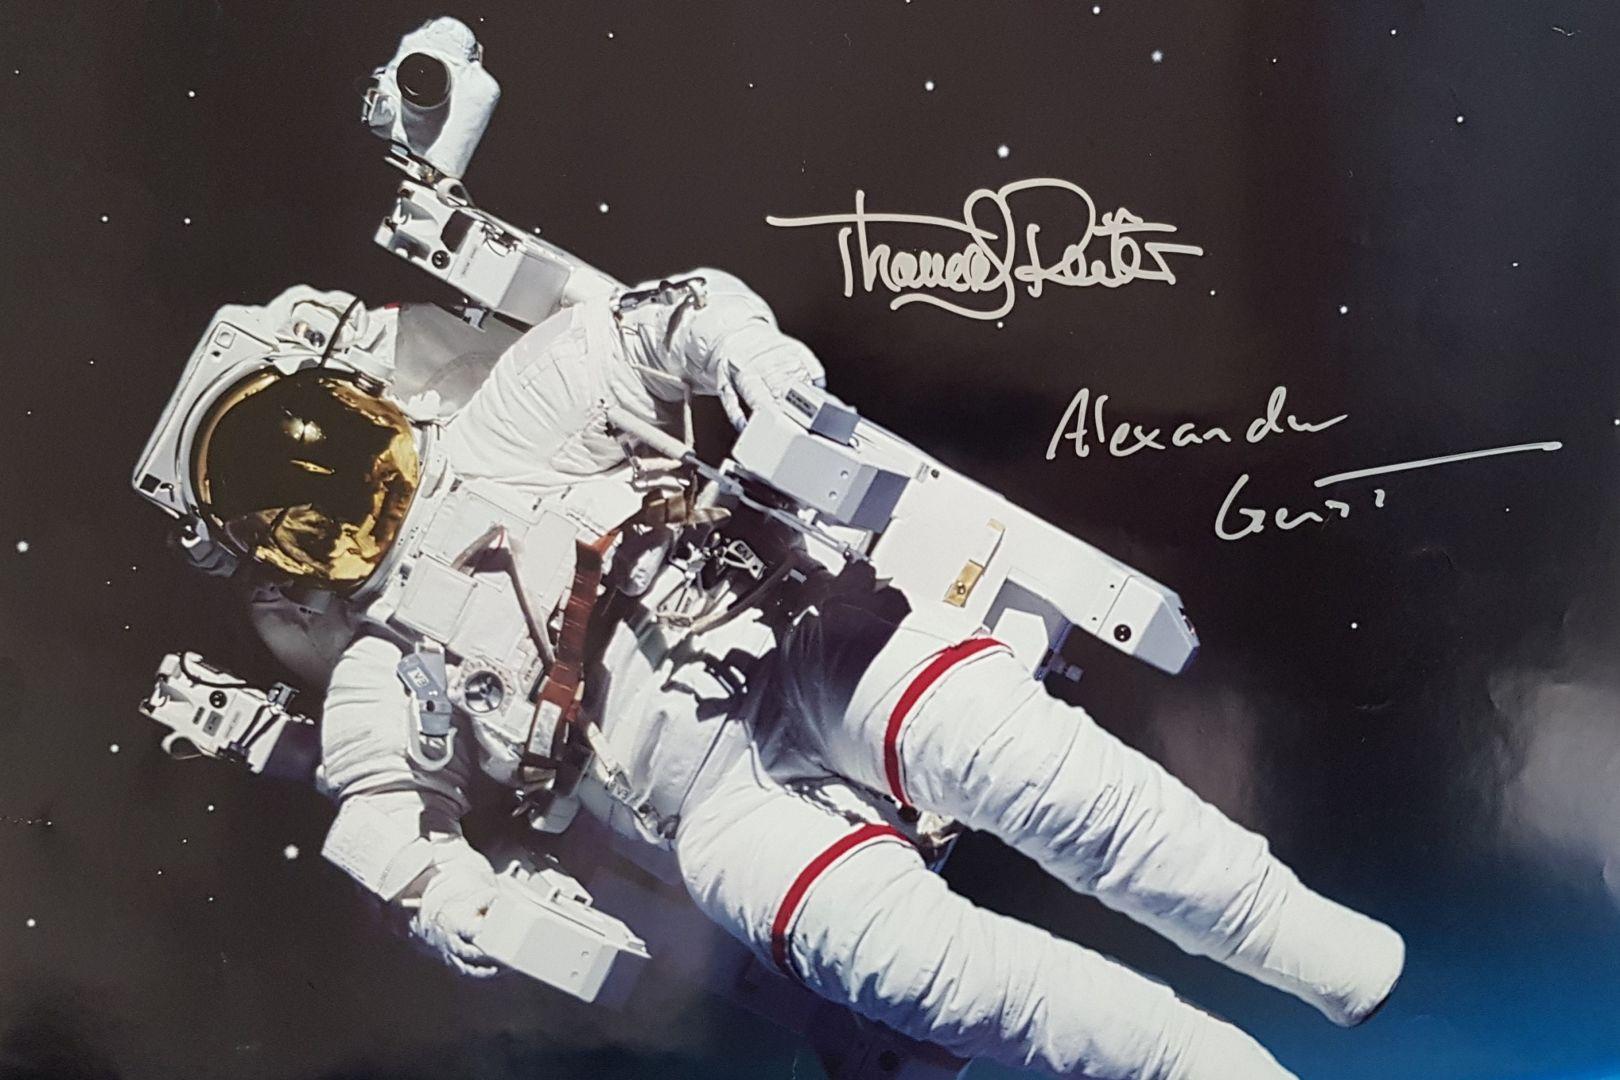 Plakat der Hessen Agentur mit Thomas Reiter im Weltraum